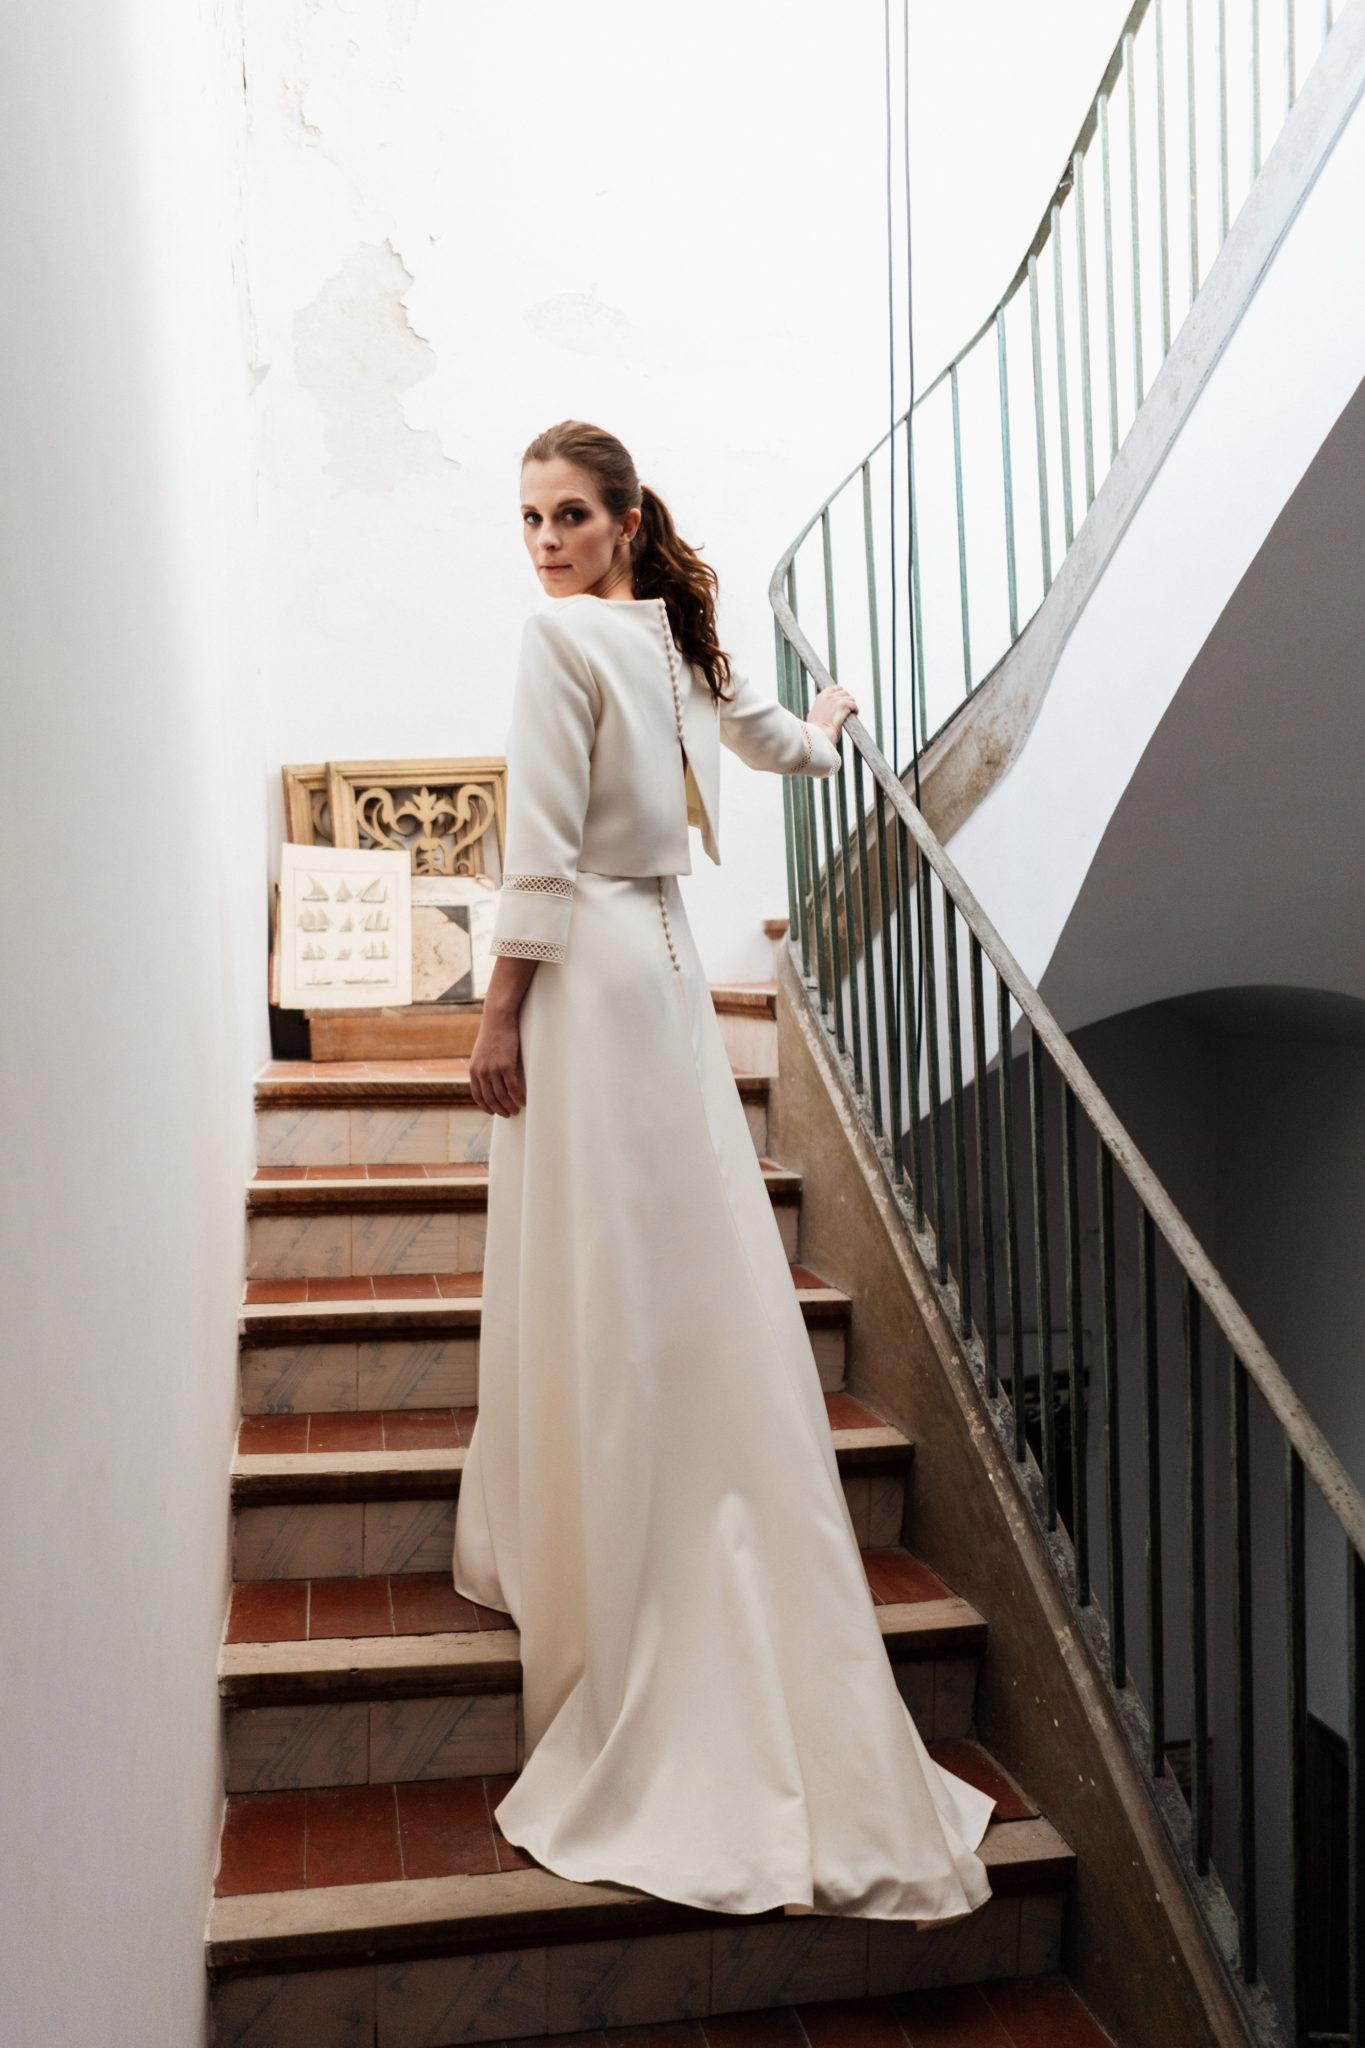 Vestido de novia Isa 19 by Veronica Miranda